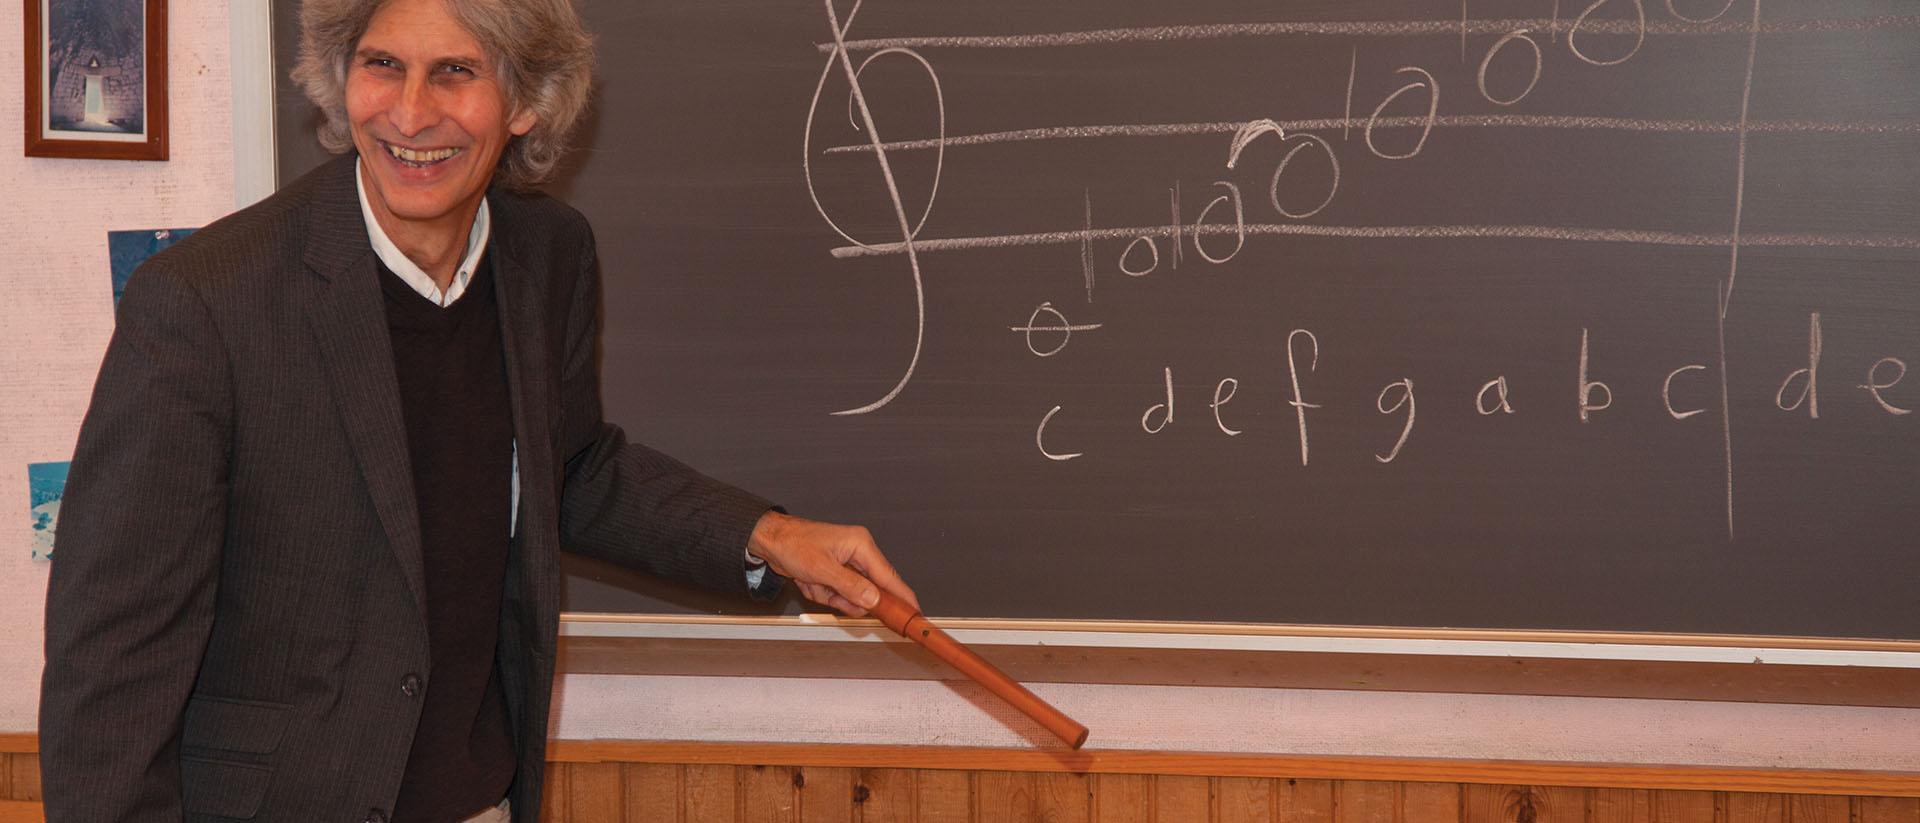 Eric Muller teaching music